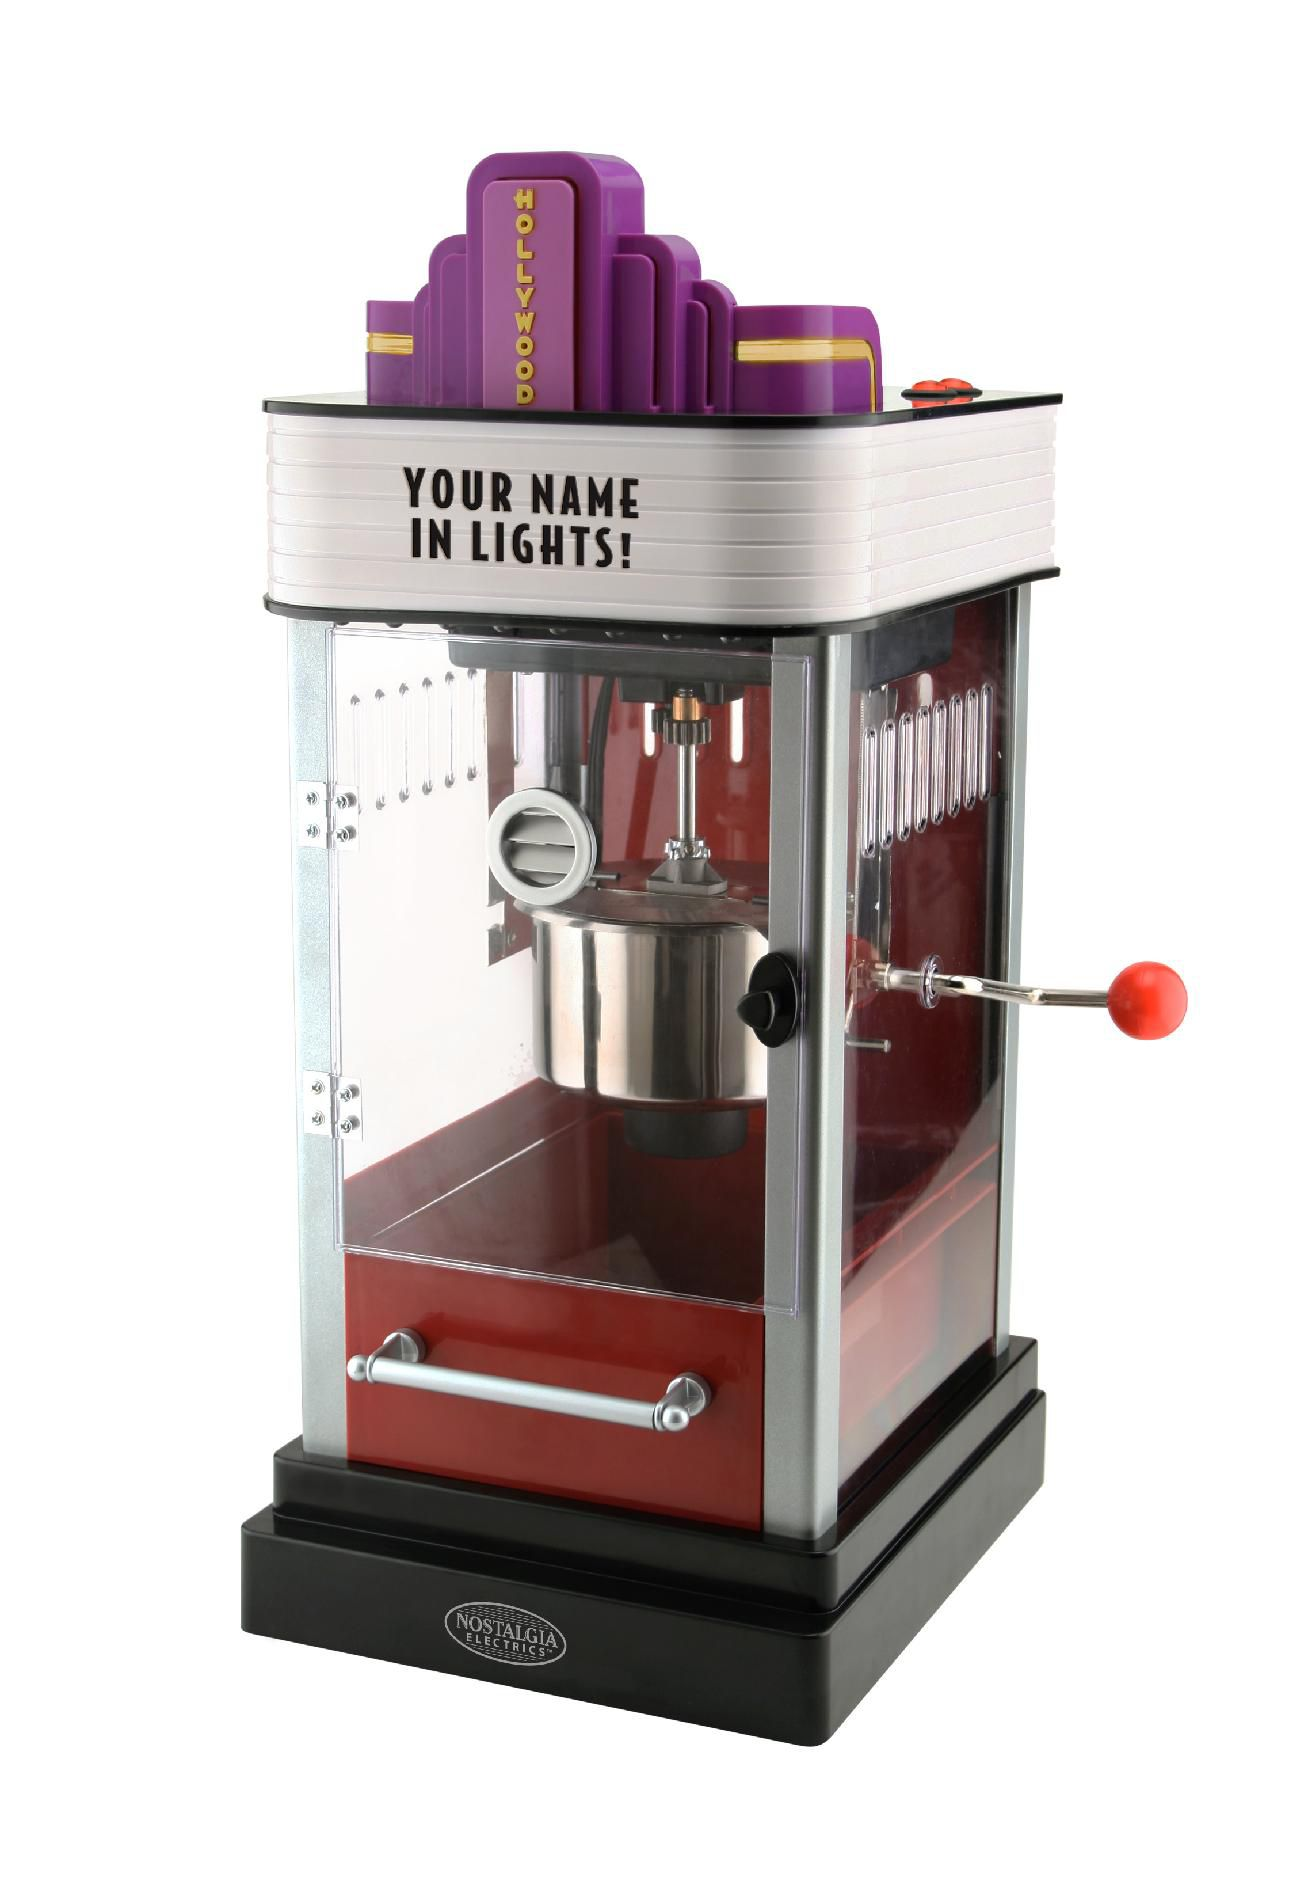 Nostalgia Electrics HKP 200 Hollywood Kettle Popcorn Maker